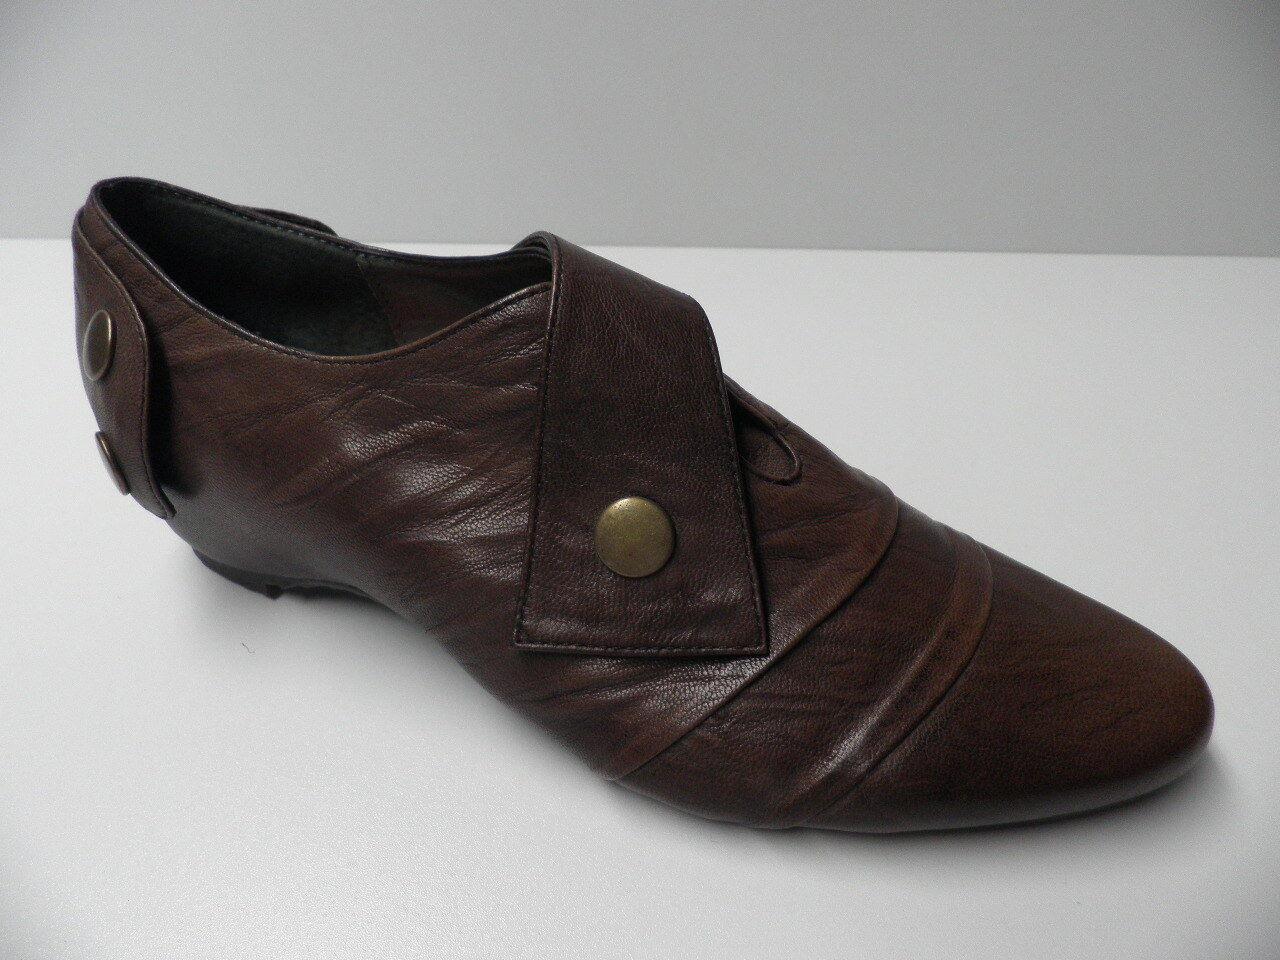 Chaussures de ville KARSTON marron en cuir pour FEMME FEMME FEMME taille 36 -Modèle d'Expo- 38eb96